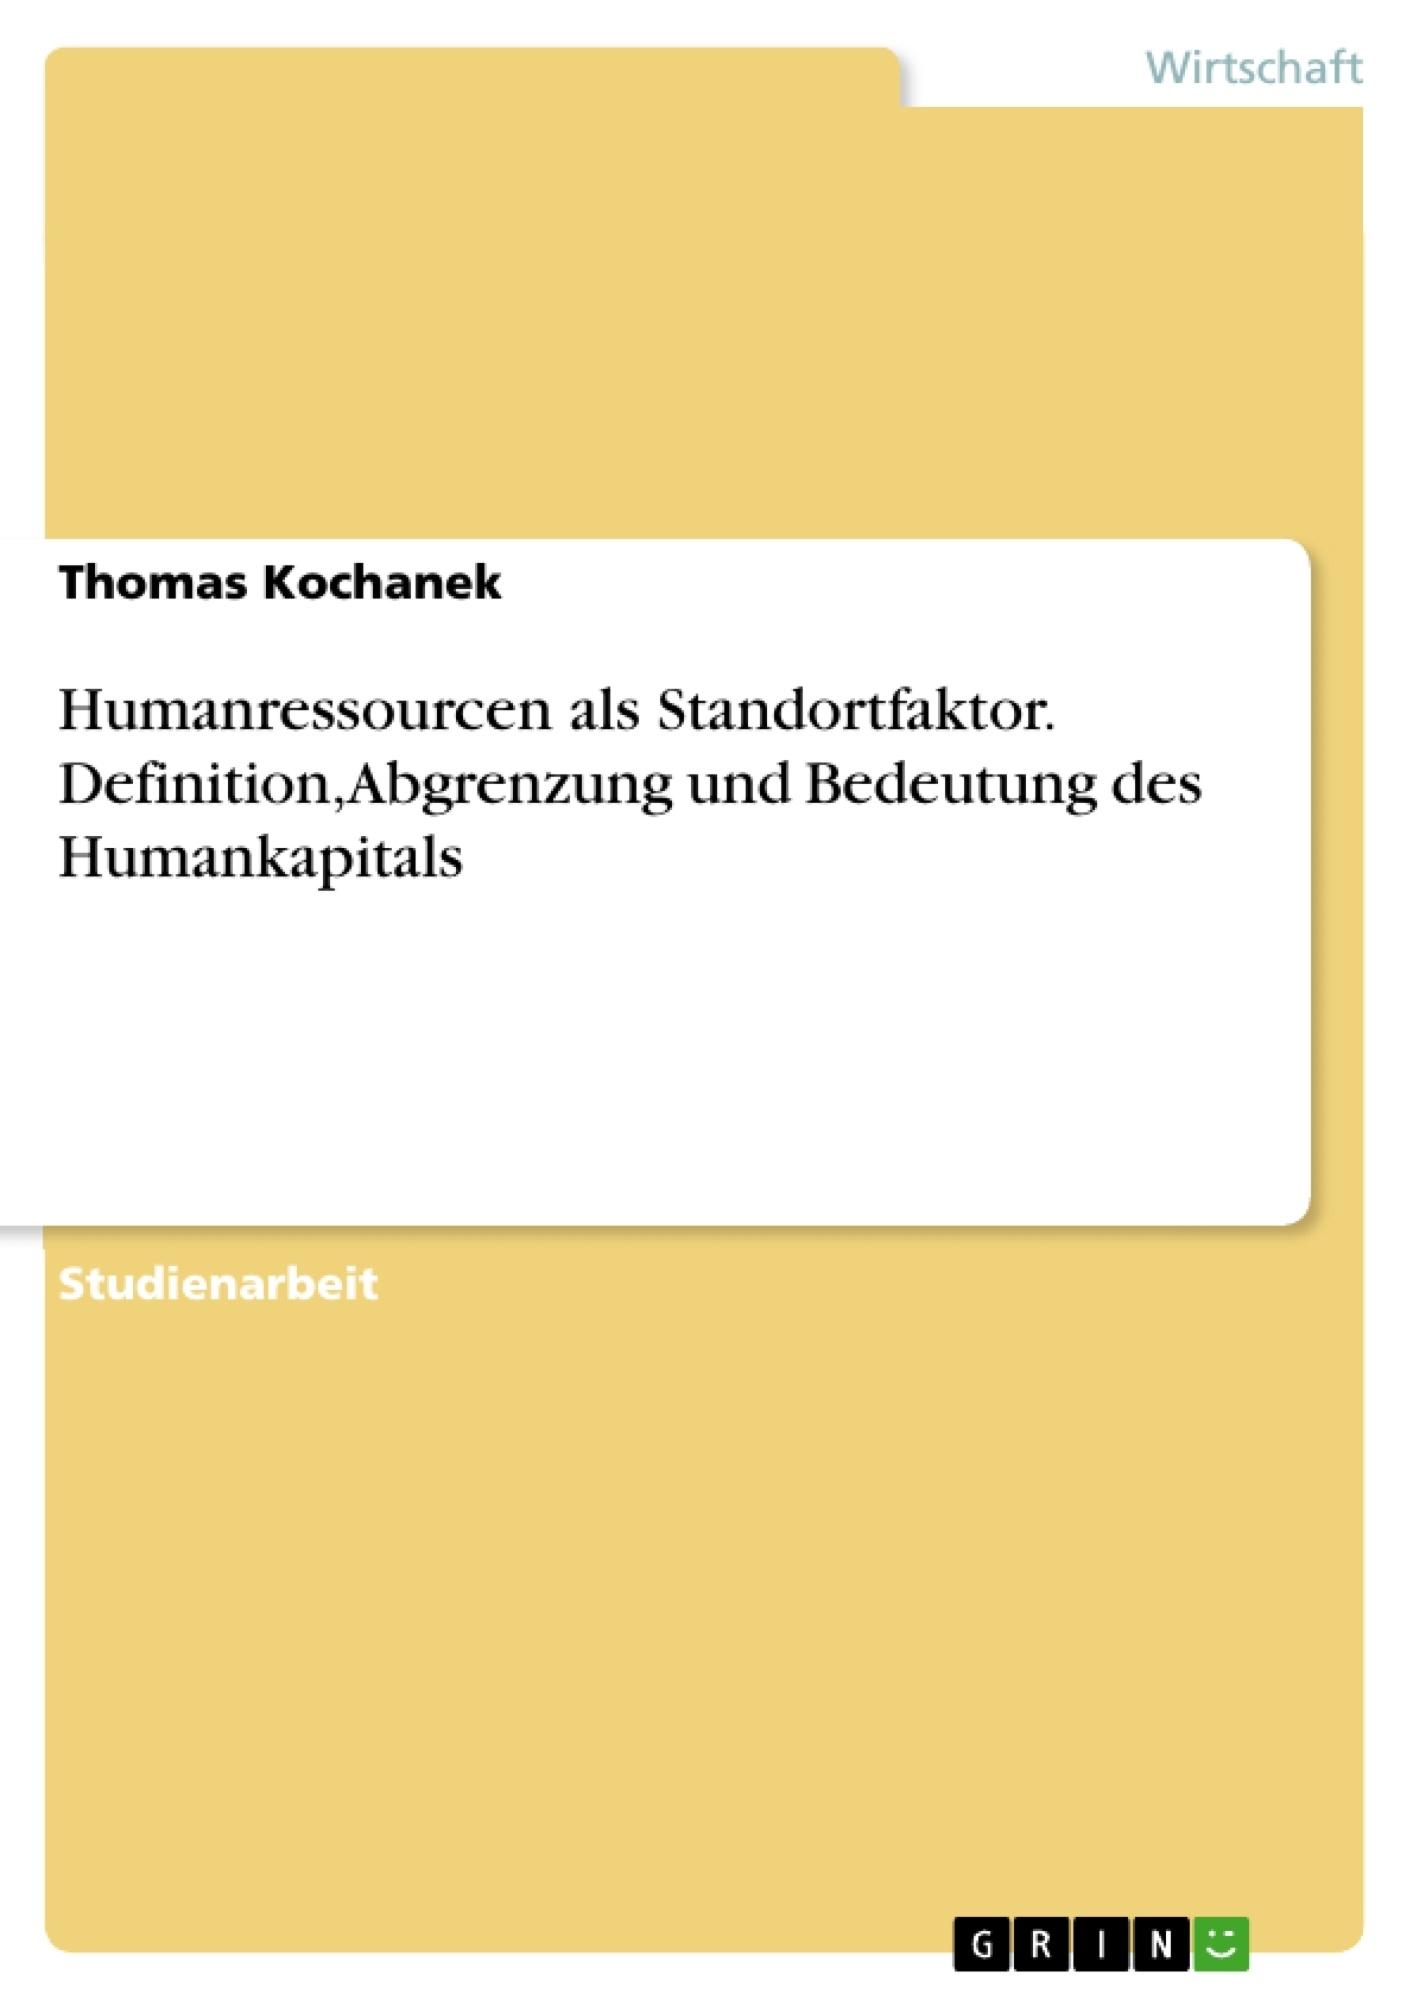 Titel: Humanressourcen als Standortfaktor. Definition, Abgrenzung und Bedeutung des Humankapitals